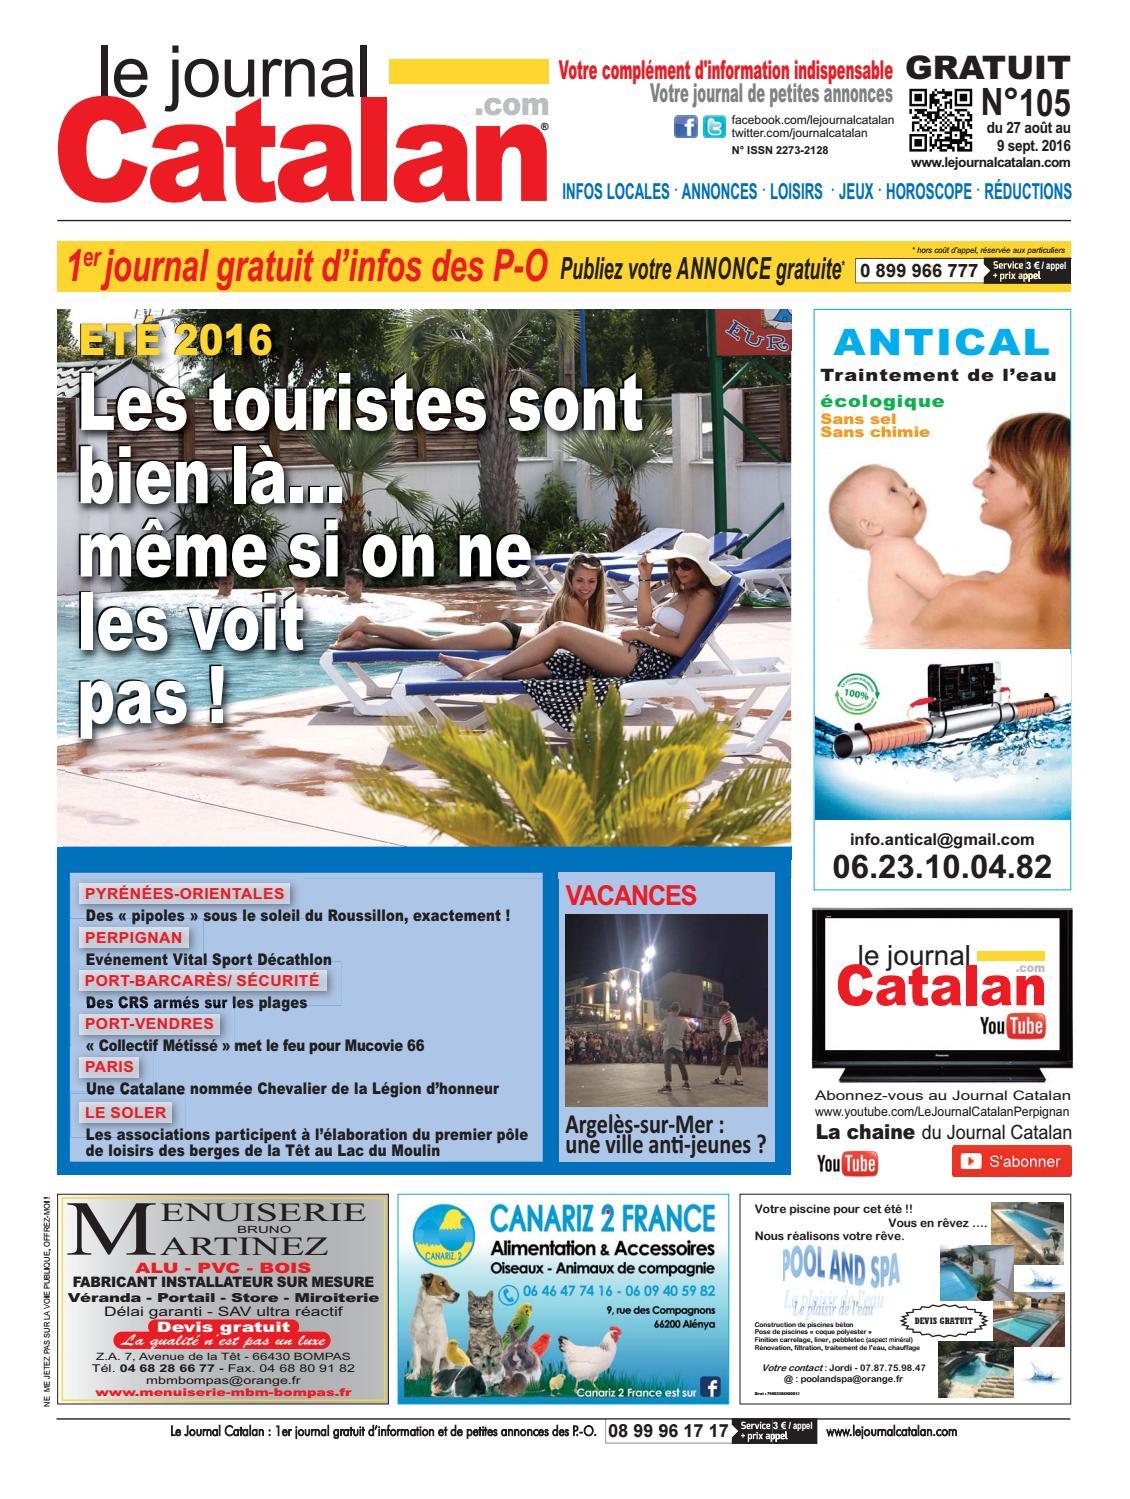 Catalan Le Journal Pyrénées By Orientales N°105 zMGVUqSp